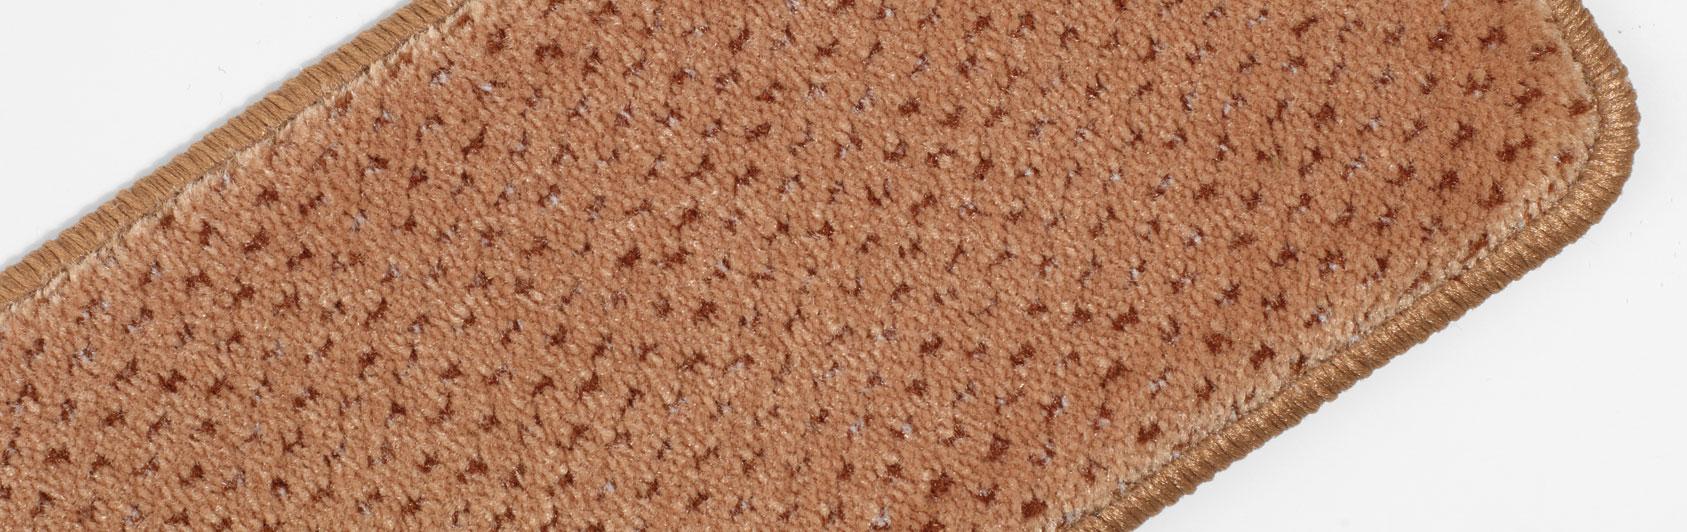 exemple agenouilloir velours qualité structuré couleur code 2226 couleur beige foncé